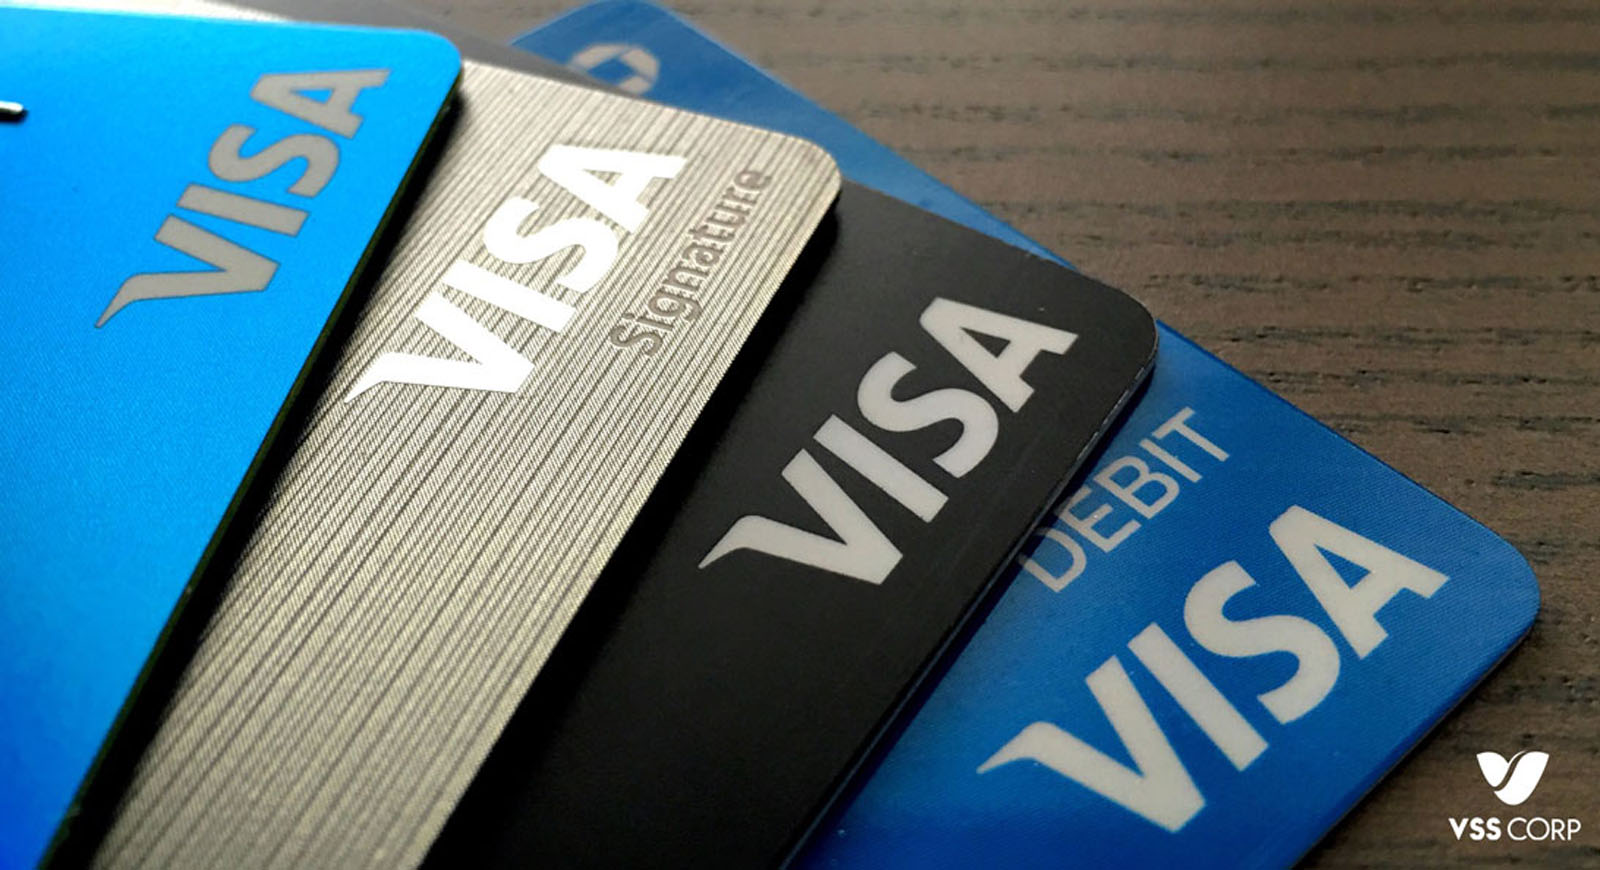 Liên quan đến giới hạn thẻ